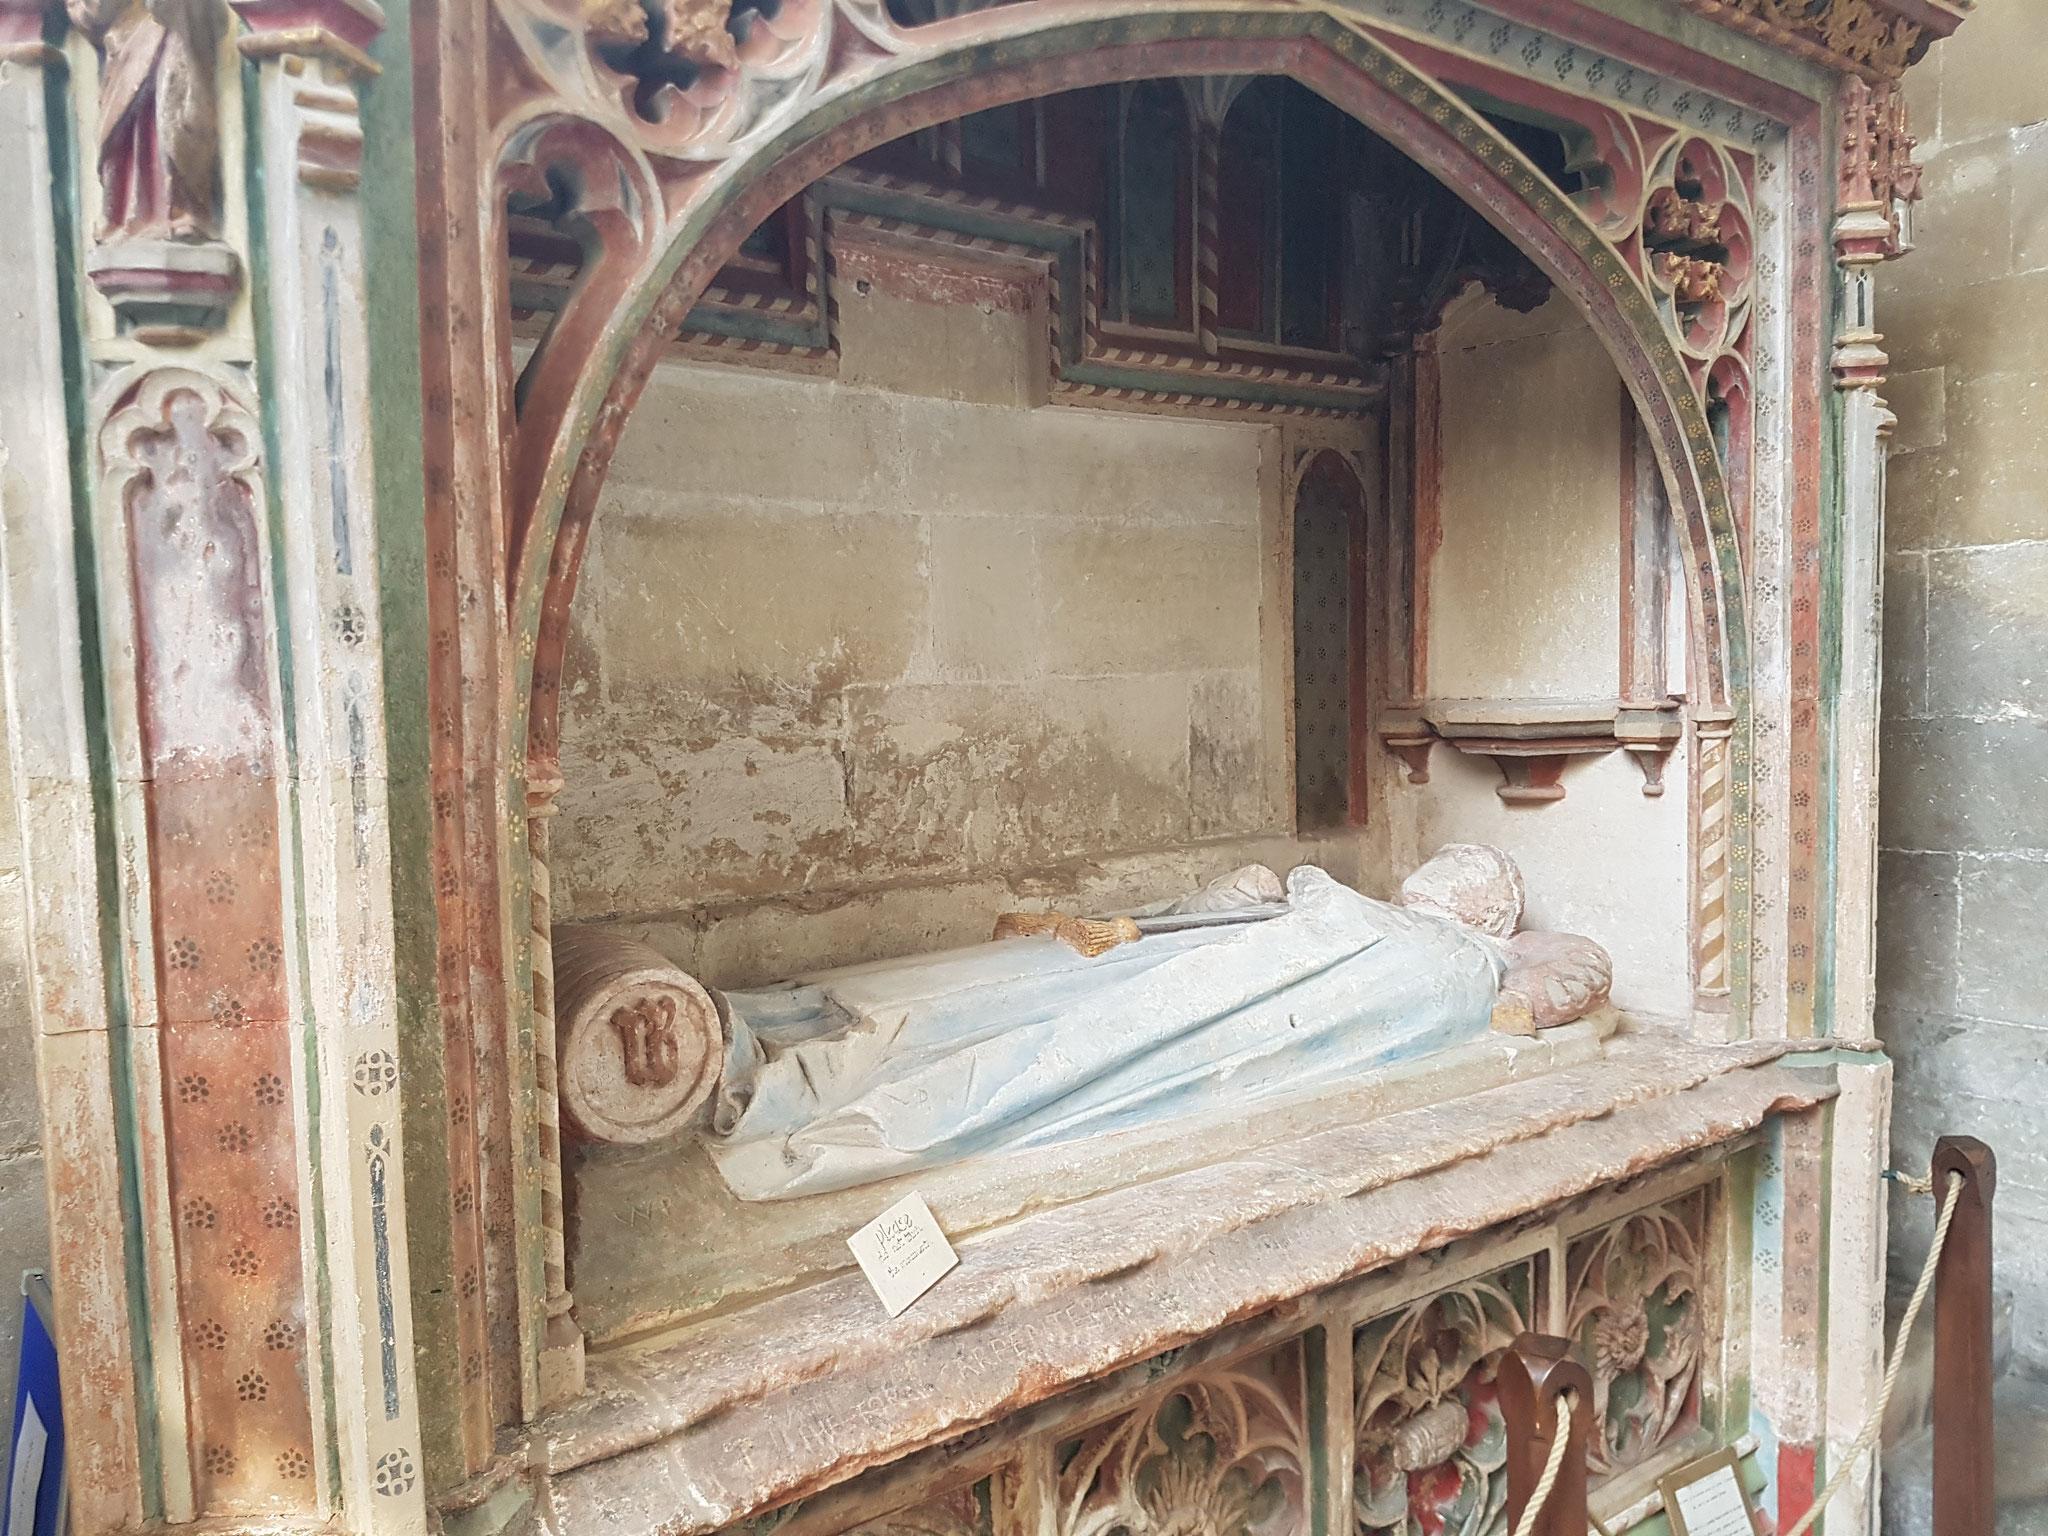 15th century tomb